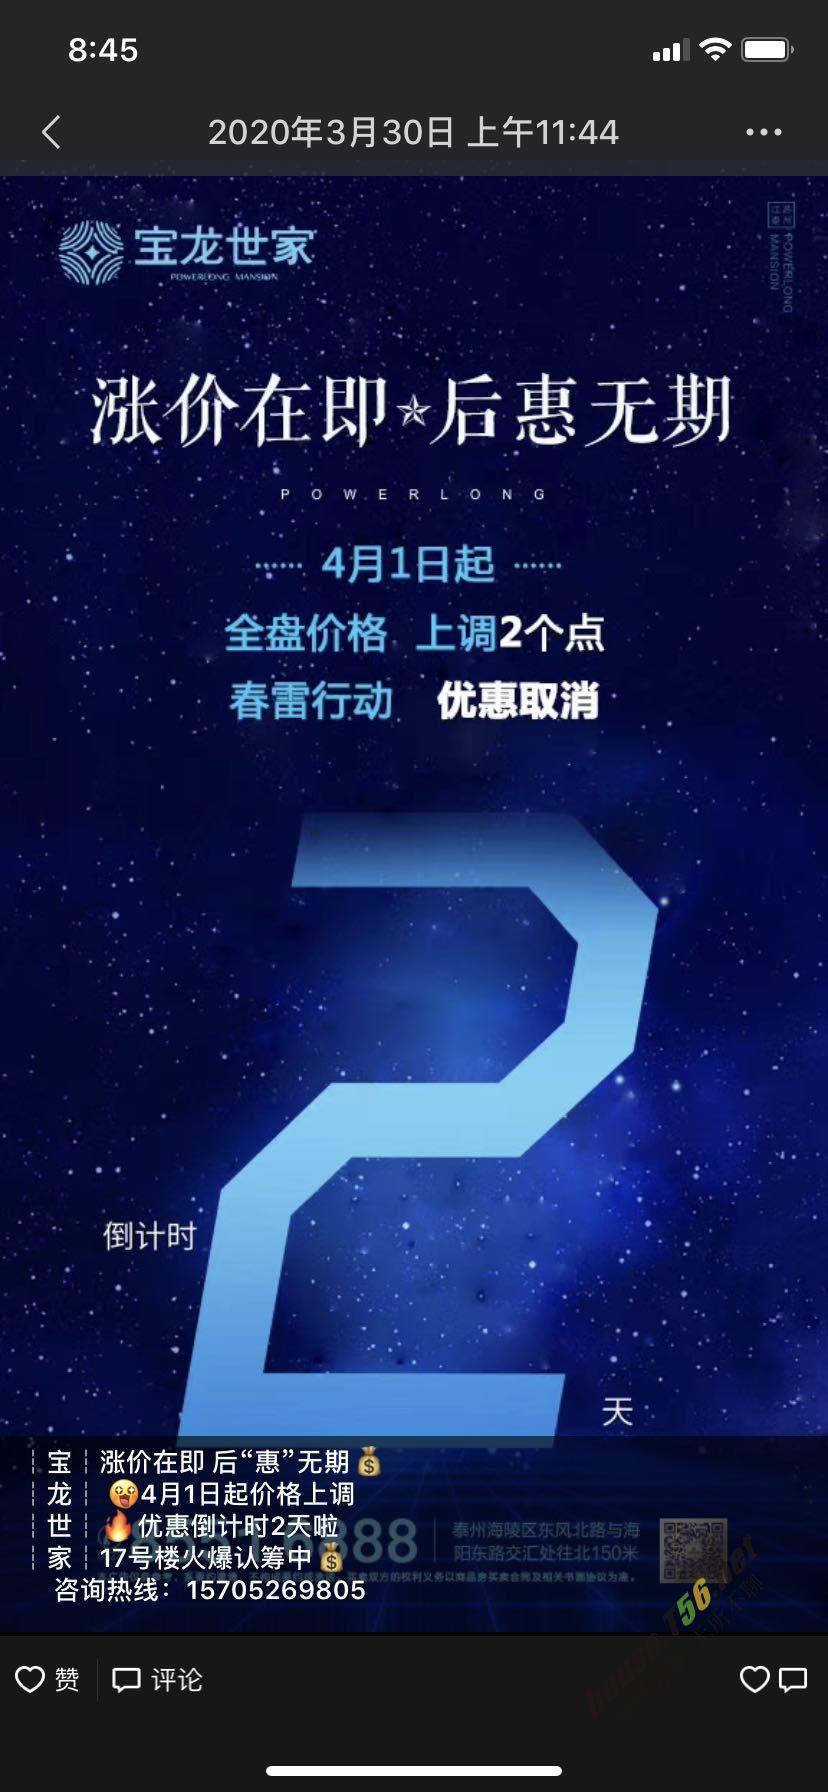 寰?俊鍥剧墖_20200407144401.jpg